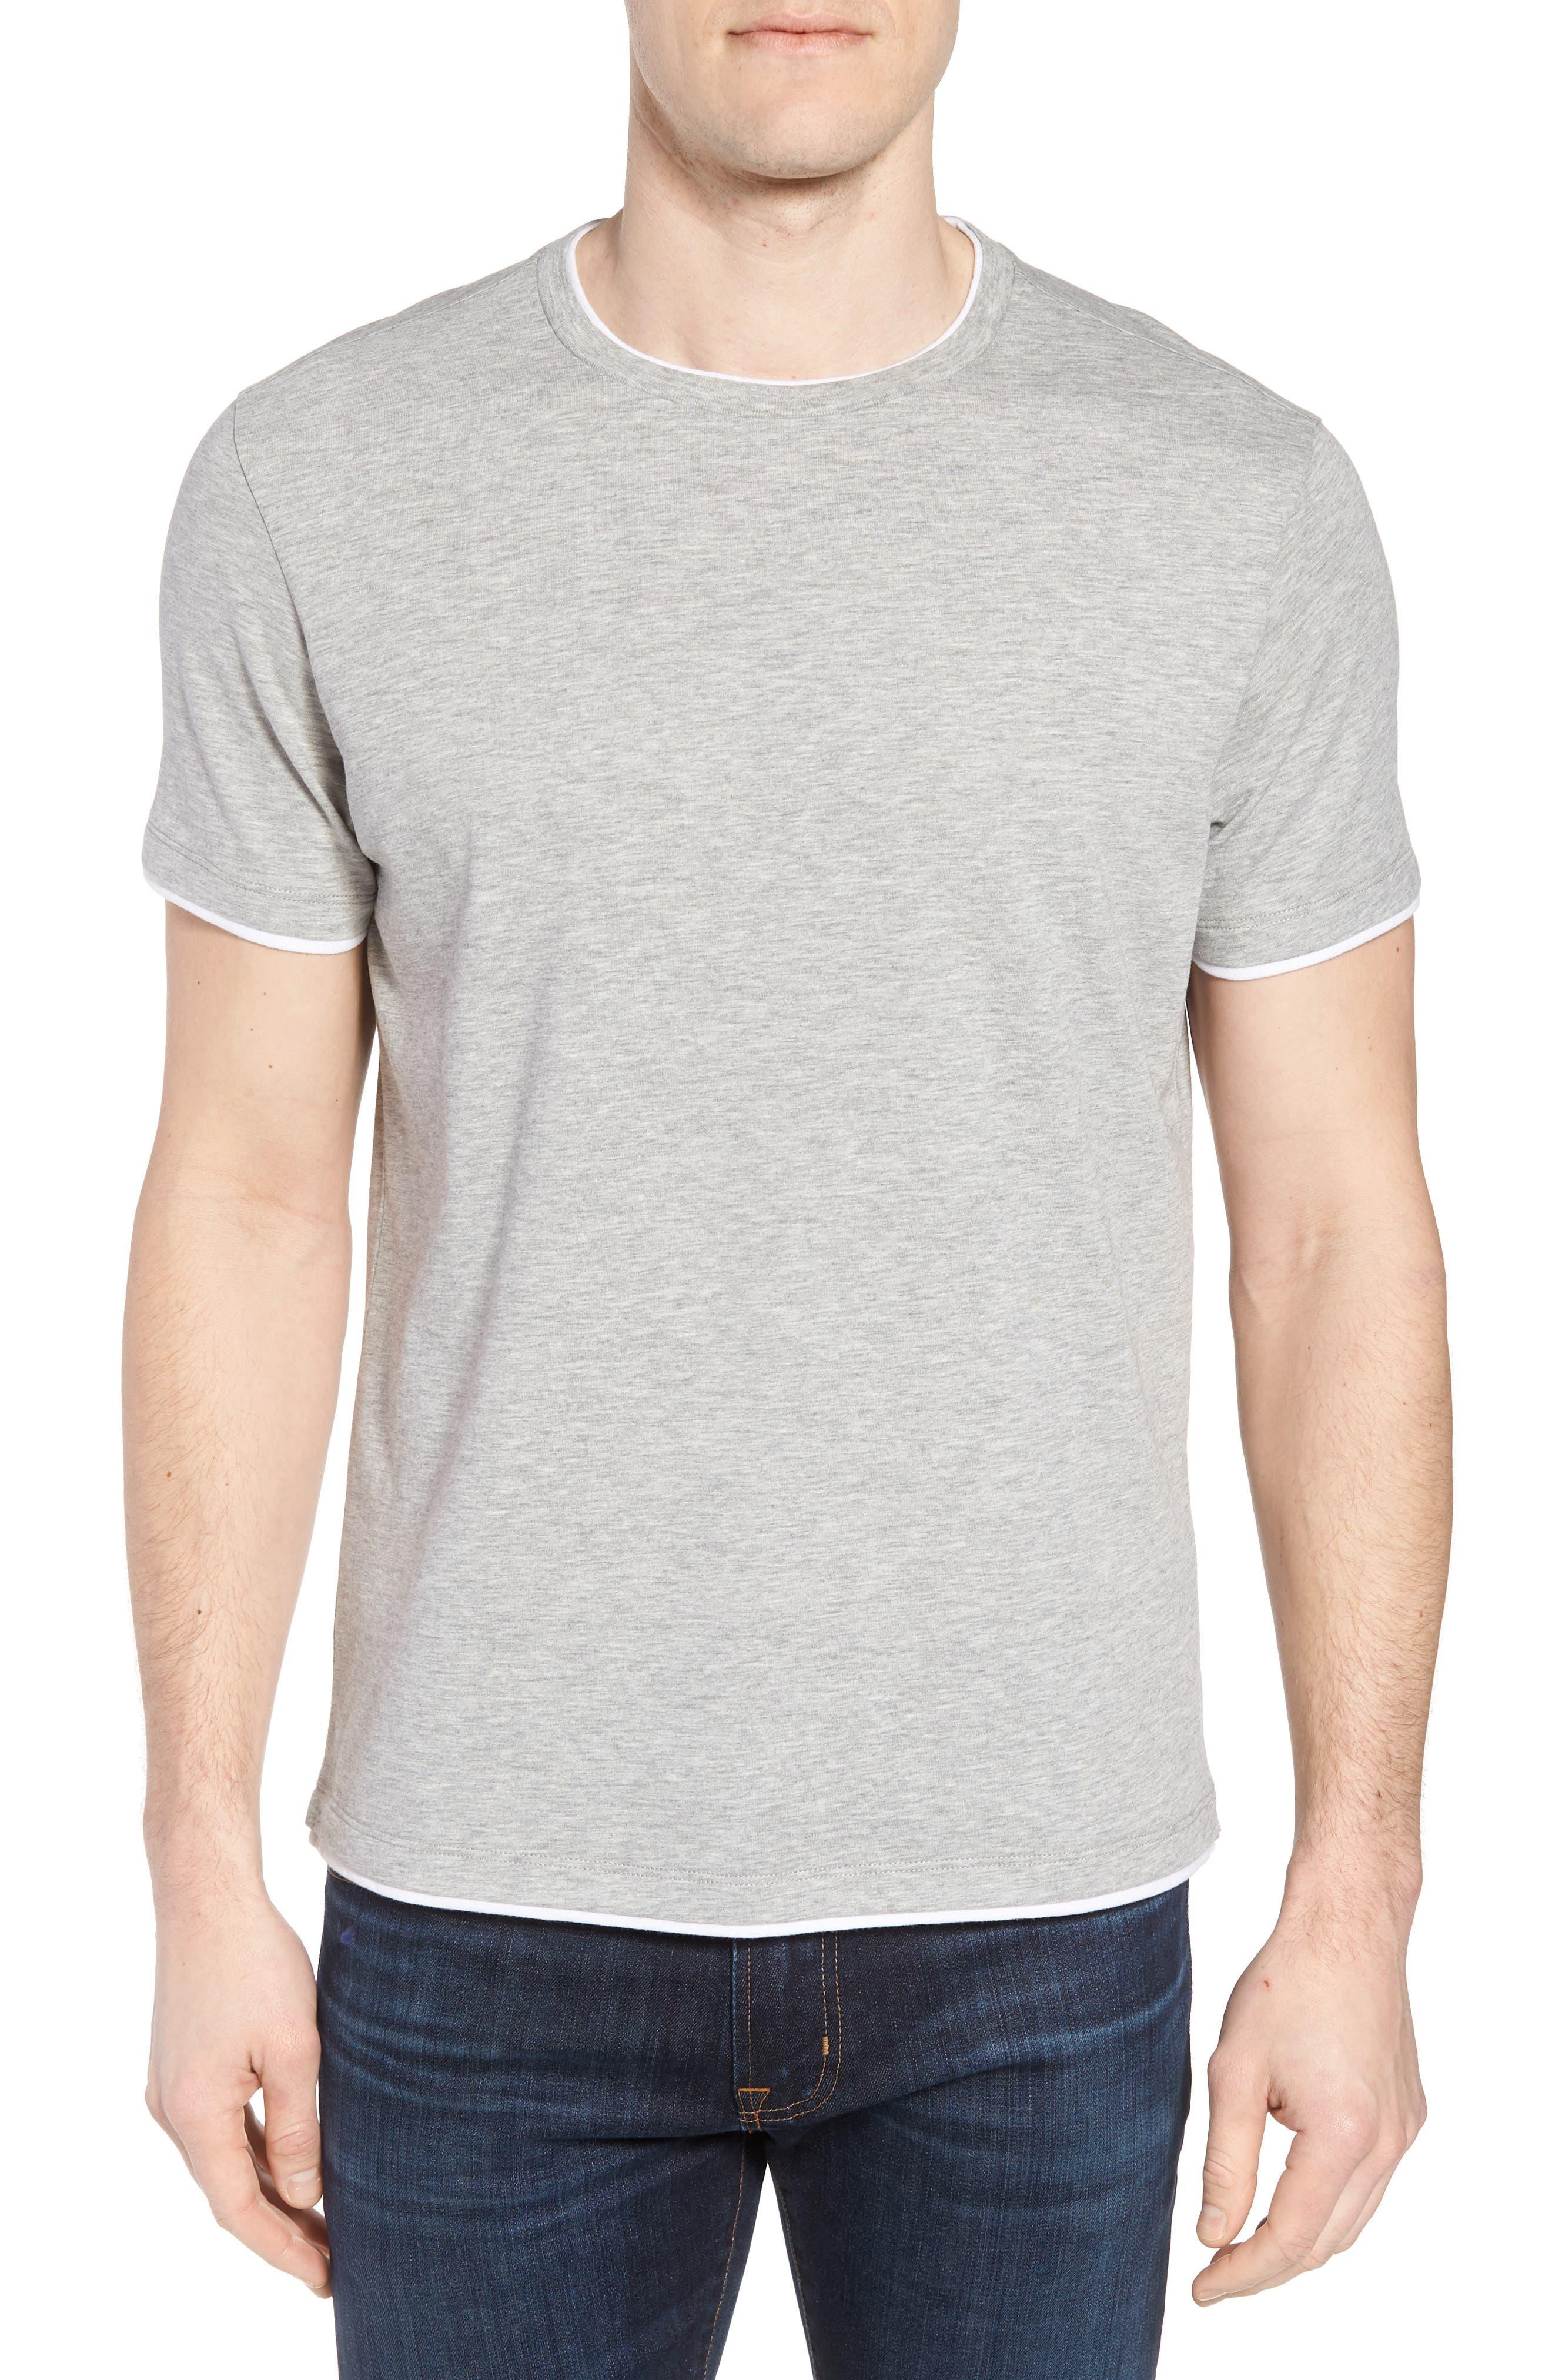 Halifax Crewneck T-Shirt,                             Main thumbnail 1, color,                             Light Grey